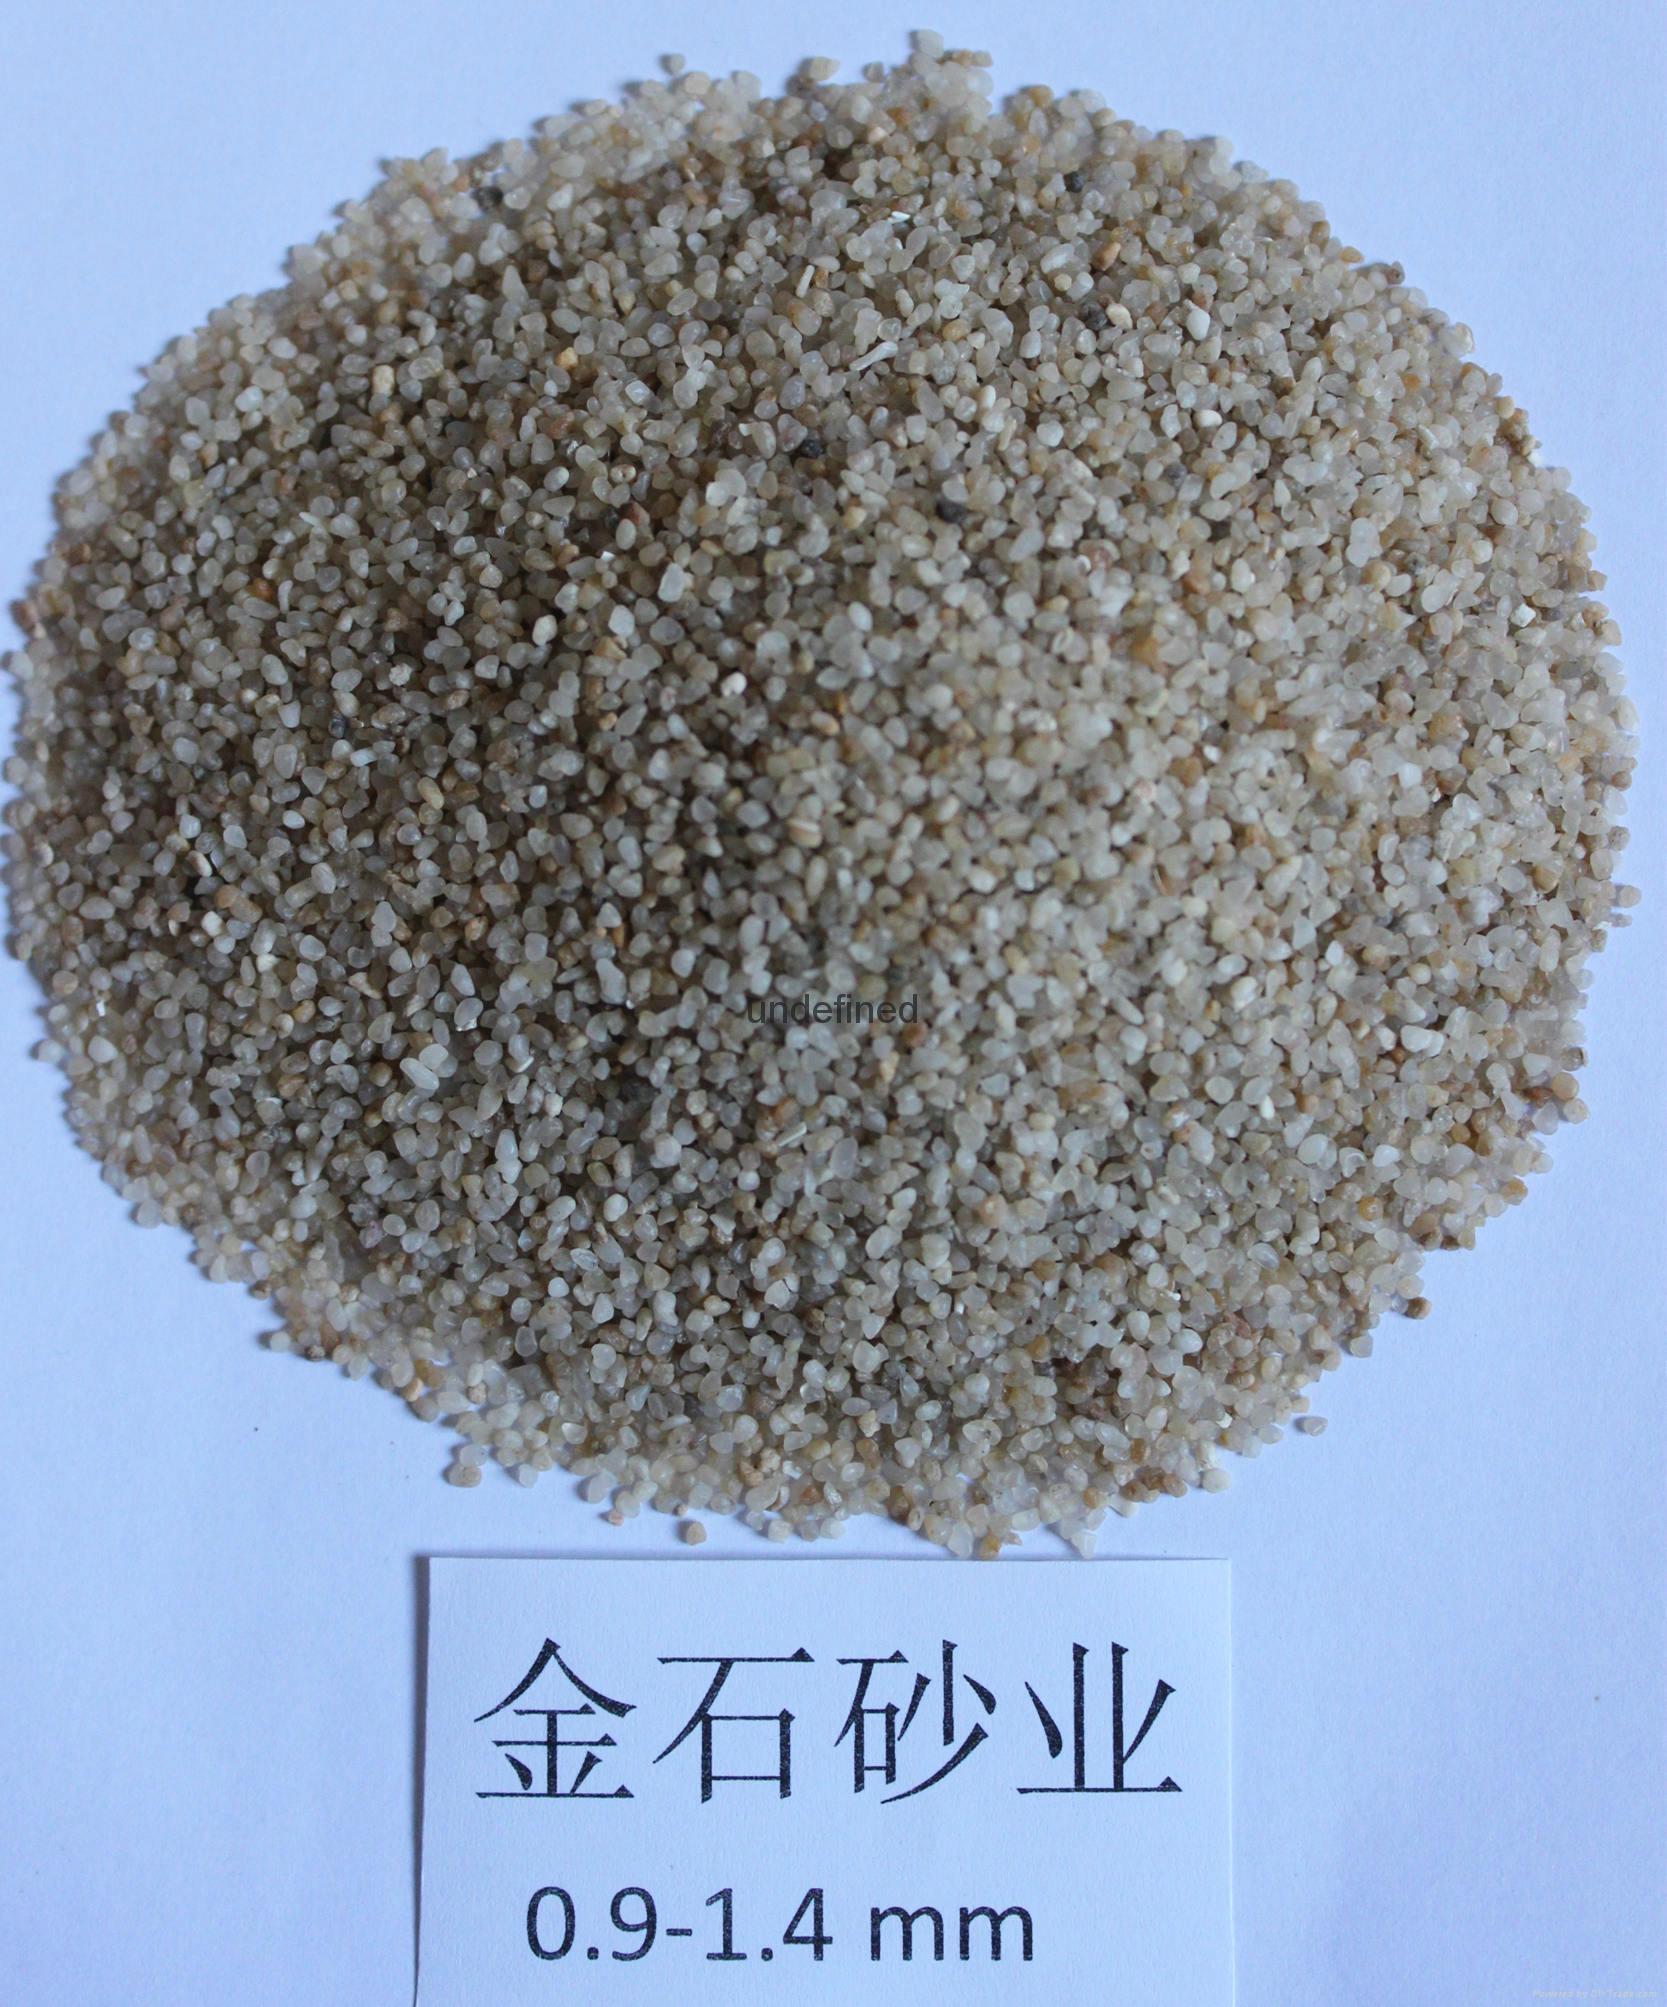 金石砂業濾料石英砂0.9-1.6mm 2